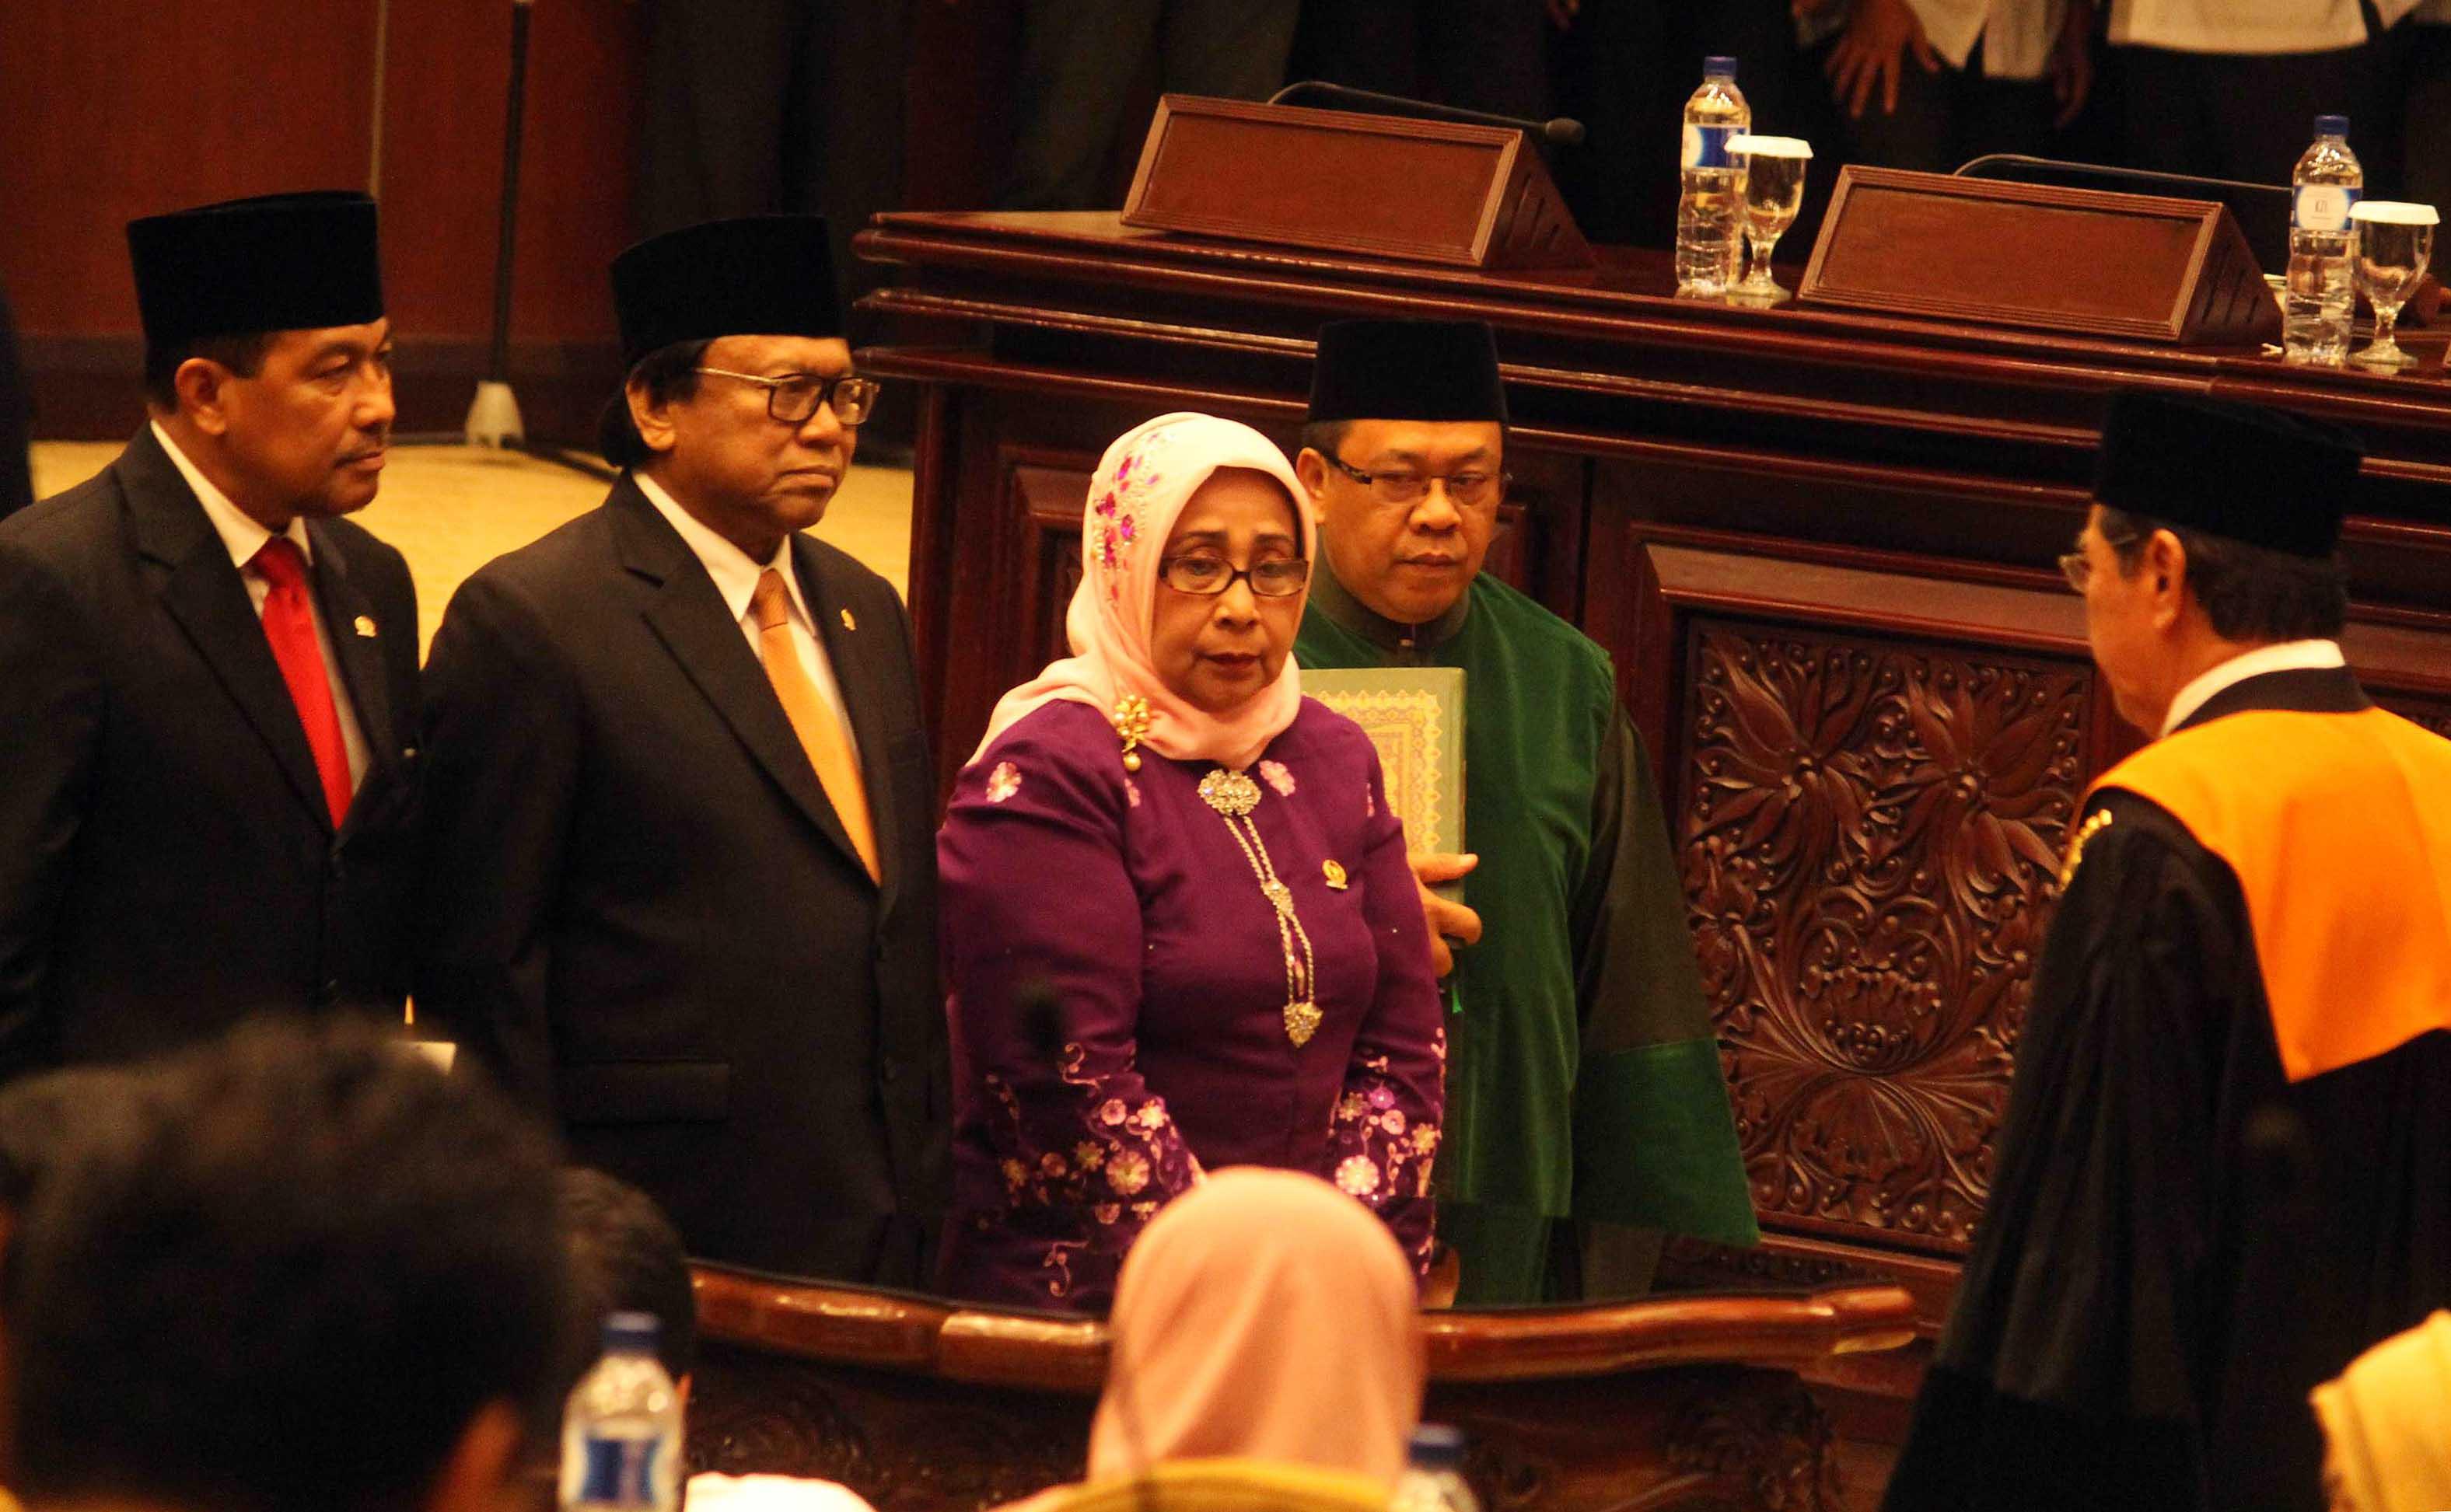 Ketua DPD terpilih Oesman Sapta Odang (kedua kiri) bersama Wakil Ketua I Nono Sampono (kiri) dan Wakil Ketua II Darmayanti (ketiga kiri) diambil sumpah jabatan oleh Wakil Ketua MA Bidang Yudisial M. Syarifuddin (kanan) saat pelantikan Ketua DPD pada Rapat Paripurna DPD di kompleks Parlemen, Jakarta, Selasa (4/4). Oesman Sapta menjadi Ketua DPD menggantikan Mohammad Saleh. AKTUAL/Tino Oktaviano